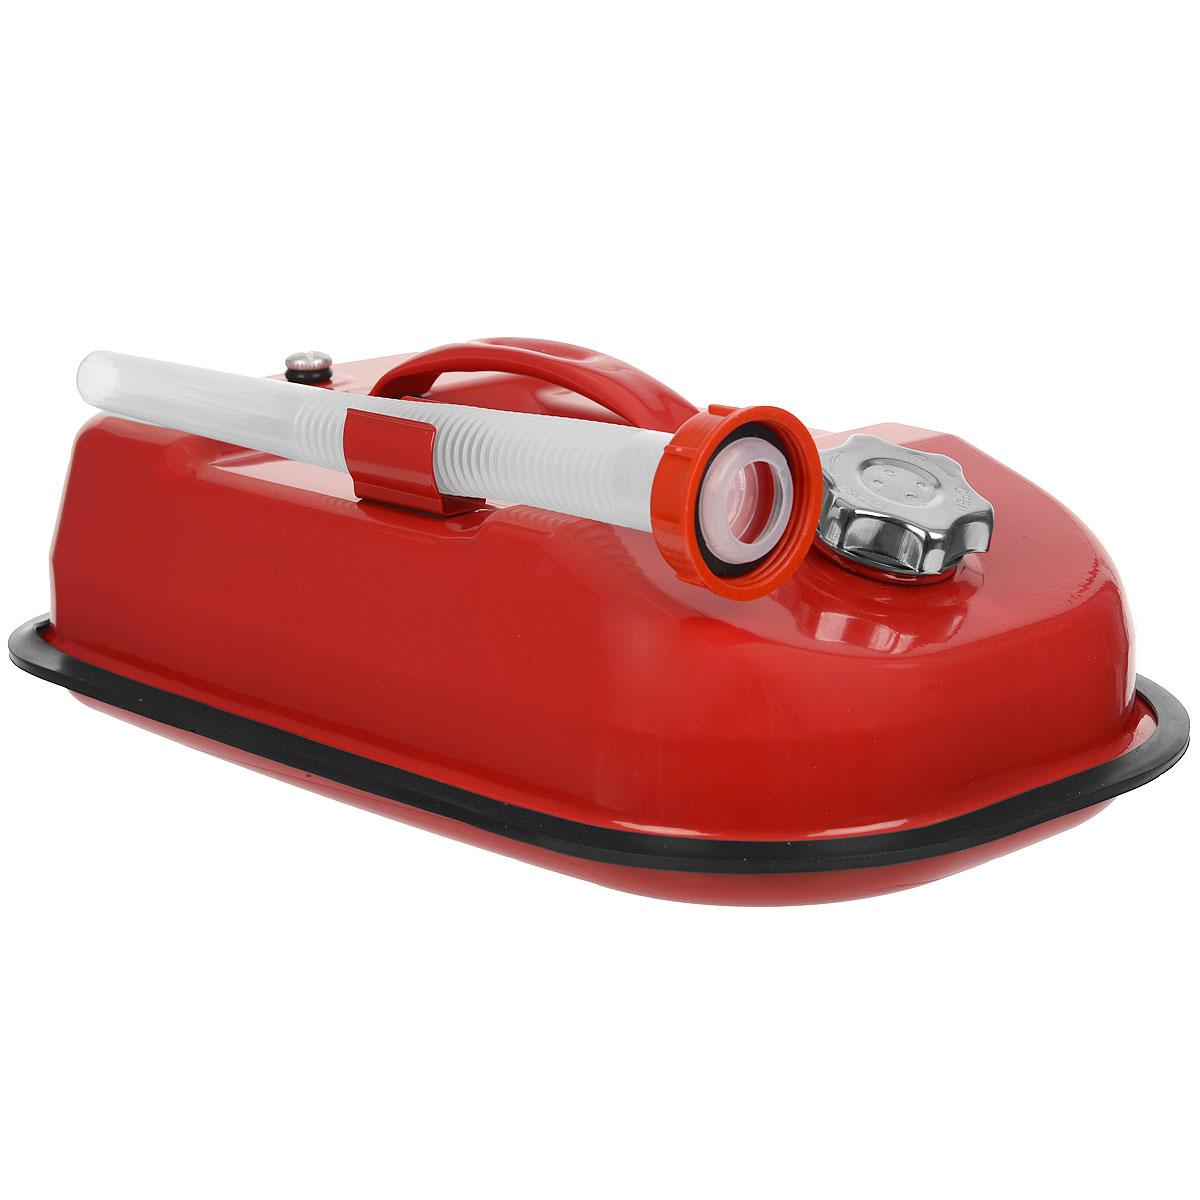 Канистра стальная Autoprofi, горизонтальная, 5 лKAN-300 (20L)Горизонтальная 5-литровая канистра Autoprofi особенно удобна для перевозки топлива в багажнике автомобиля, на квадроцикле, снегоходе или в катере. Горизонтальное распределение центра тяжести снижает риск опрокидывания емкости при транспортировке. Резиновый бортик канистры и отсутствие острых углов защищают от повреждений поверхность изделия и соседние предметы во время движения. Канистра изготовлена из оцинкованной стали, обладающей высокими антикоррозийными свойствами и устойчивостью к агрессивному воздействию залитого топлива. В верхнюю часть канистры встроен регулировочный клапан, который выравнивает давление воздуха внутри емкости с атмосферным, ускоряя процесс заливки и опорожнения. Также с канистрой поставляется длинная гофрированная трубка-лейка. С ее помощью удобно заливать топливо в горловину бака любой конфигурации. Характеристики: Материал: оцинкованная сталь. Цвет: красный. Объем: 5 л. Размер канистры (ДхШхВ): 41 см х 25 см х 10 см. Размер упаковки: 41,5 см х 26,5 см х 14,5 см. Артикул: KAN-500 (5L).